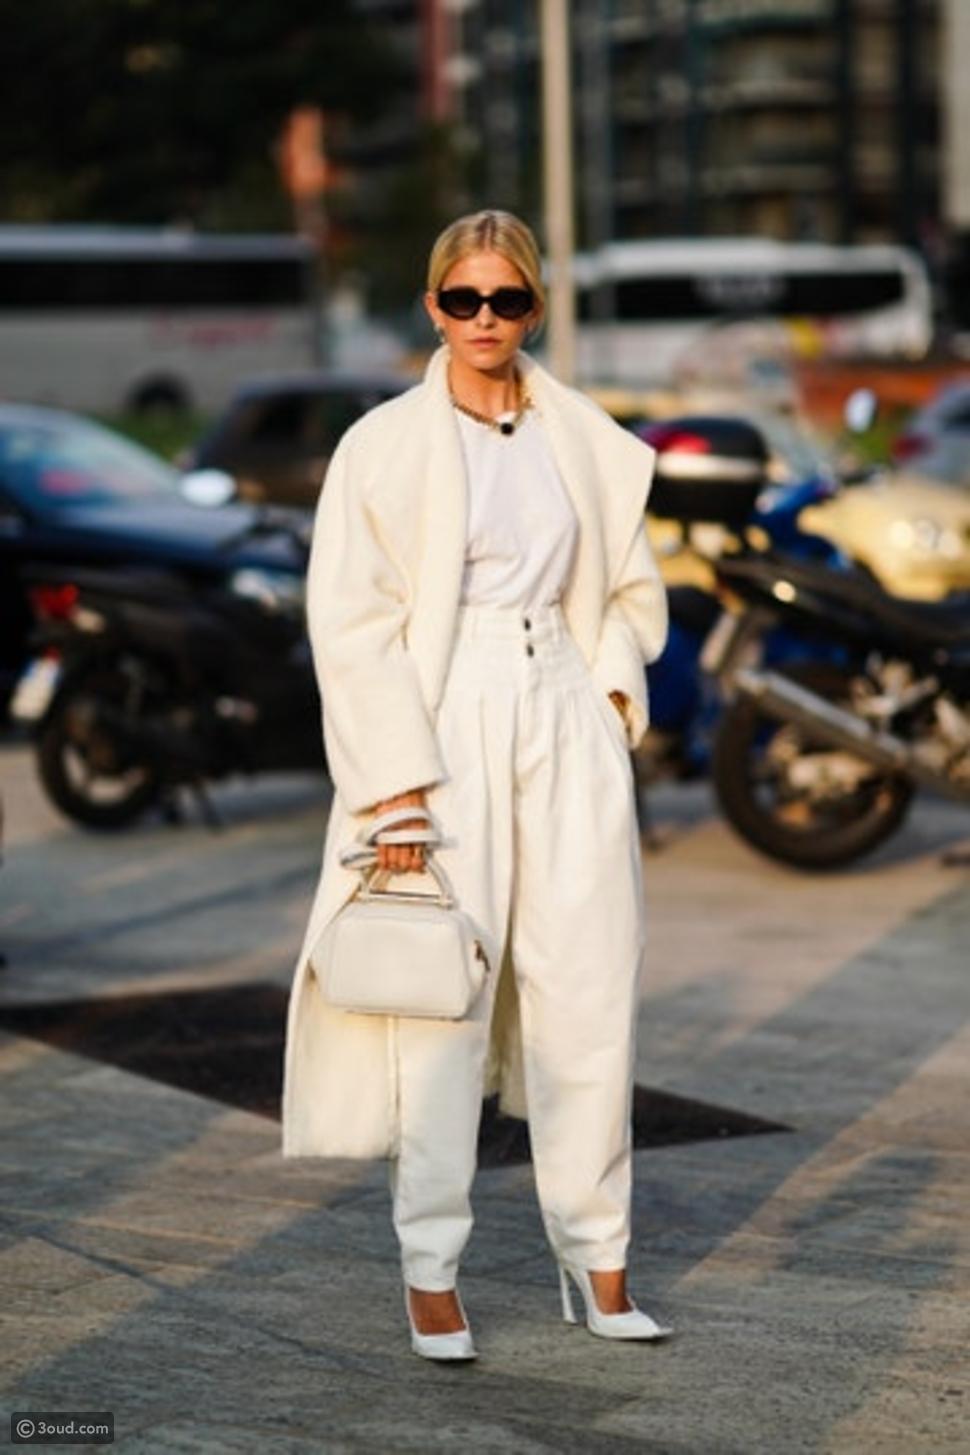 11 تنسيق مختلف للـT-shirt الأبيض البسيط